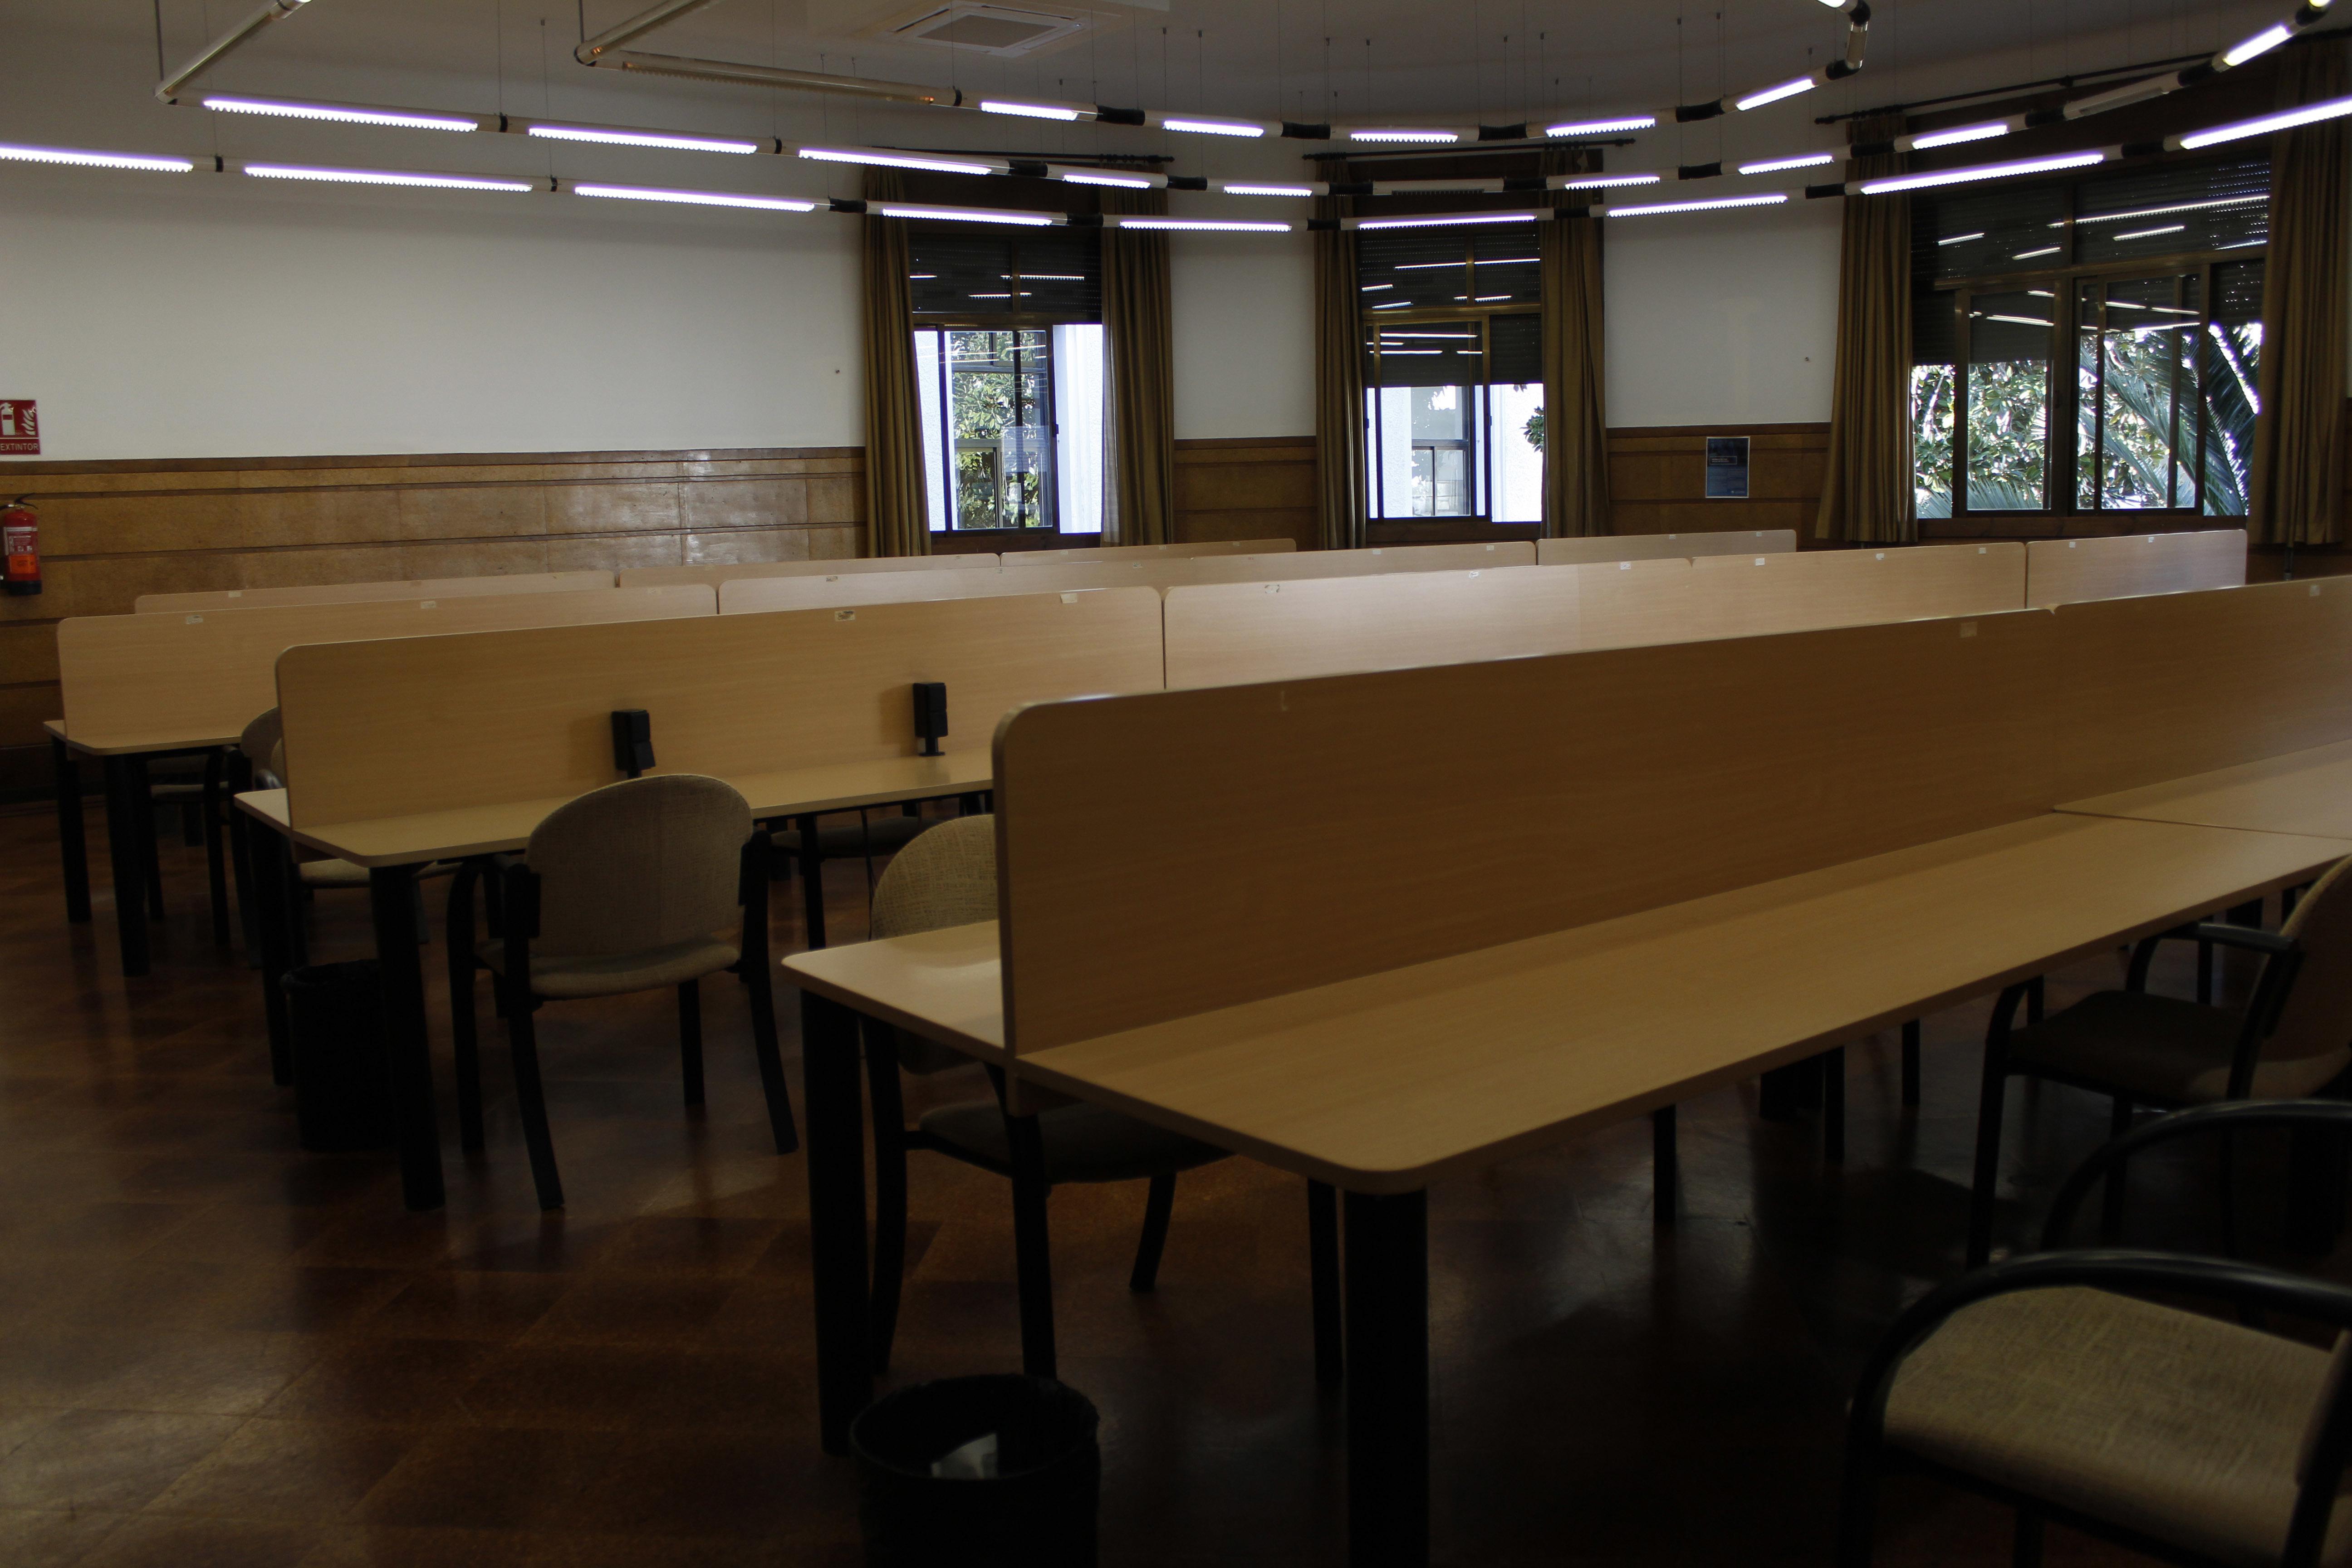 La UGR abre salas de estudio desde el 12 de enero y hasta el 19 de febrero